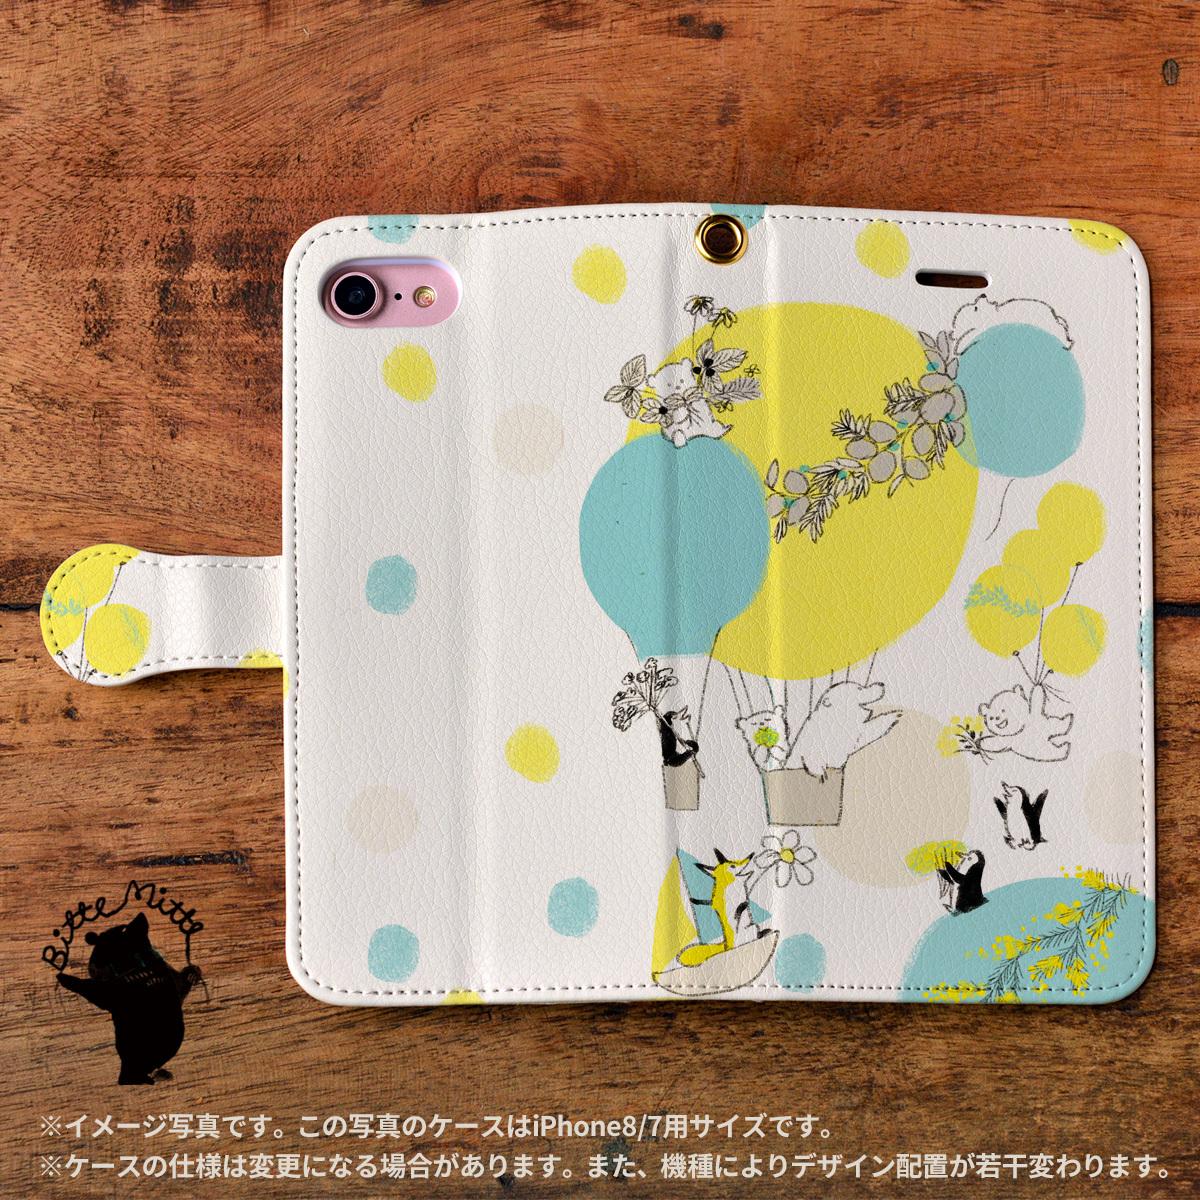 iPhone8 iPhone7 iPhone6s iPhone6 iPhoneX ケース 手帳型 革 おしゃれ かわいい 女性 女子 アニマル ボタニカル 気球からこんにちは/Bitte Mitte!